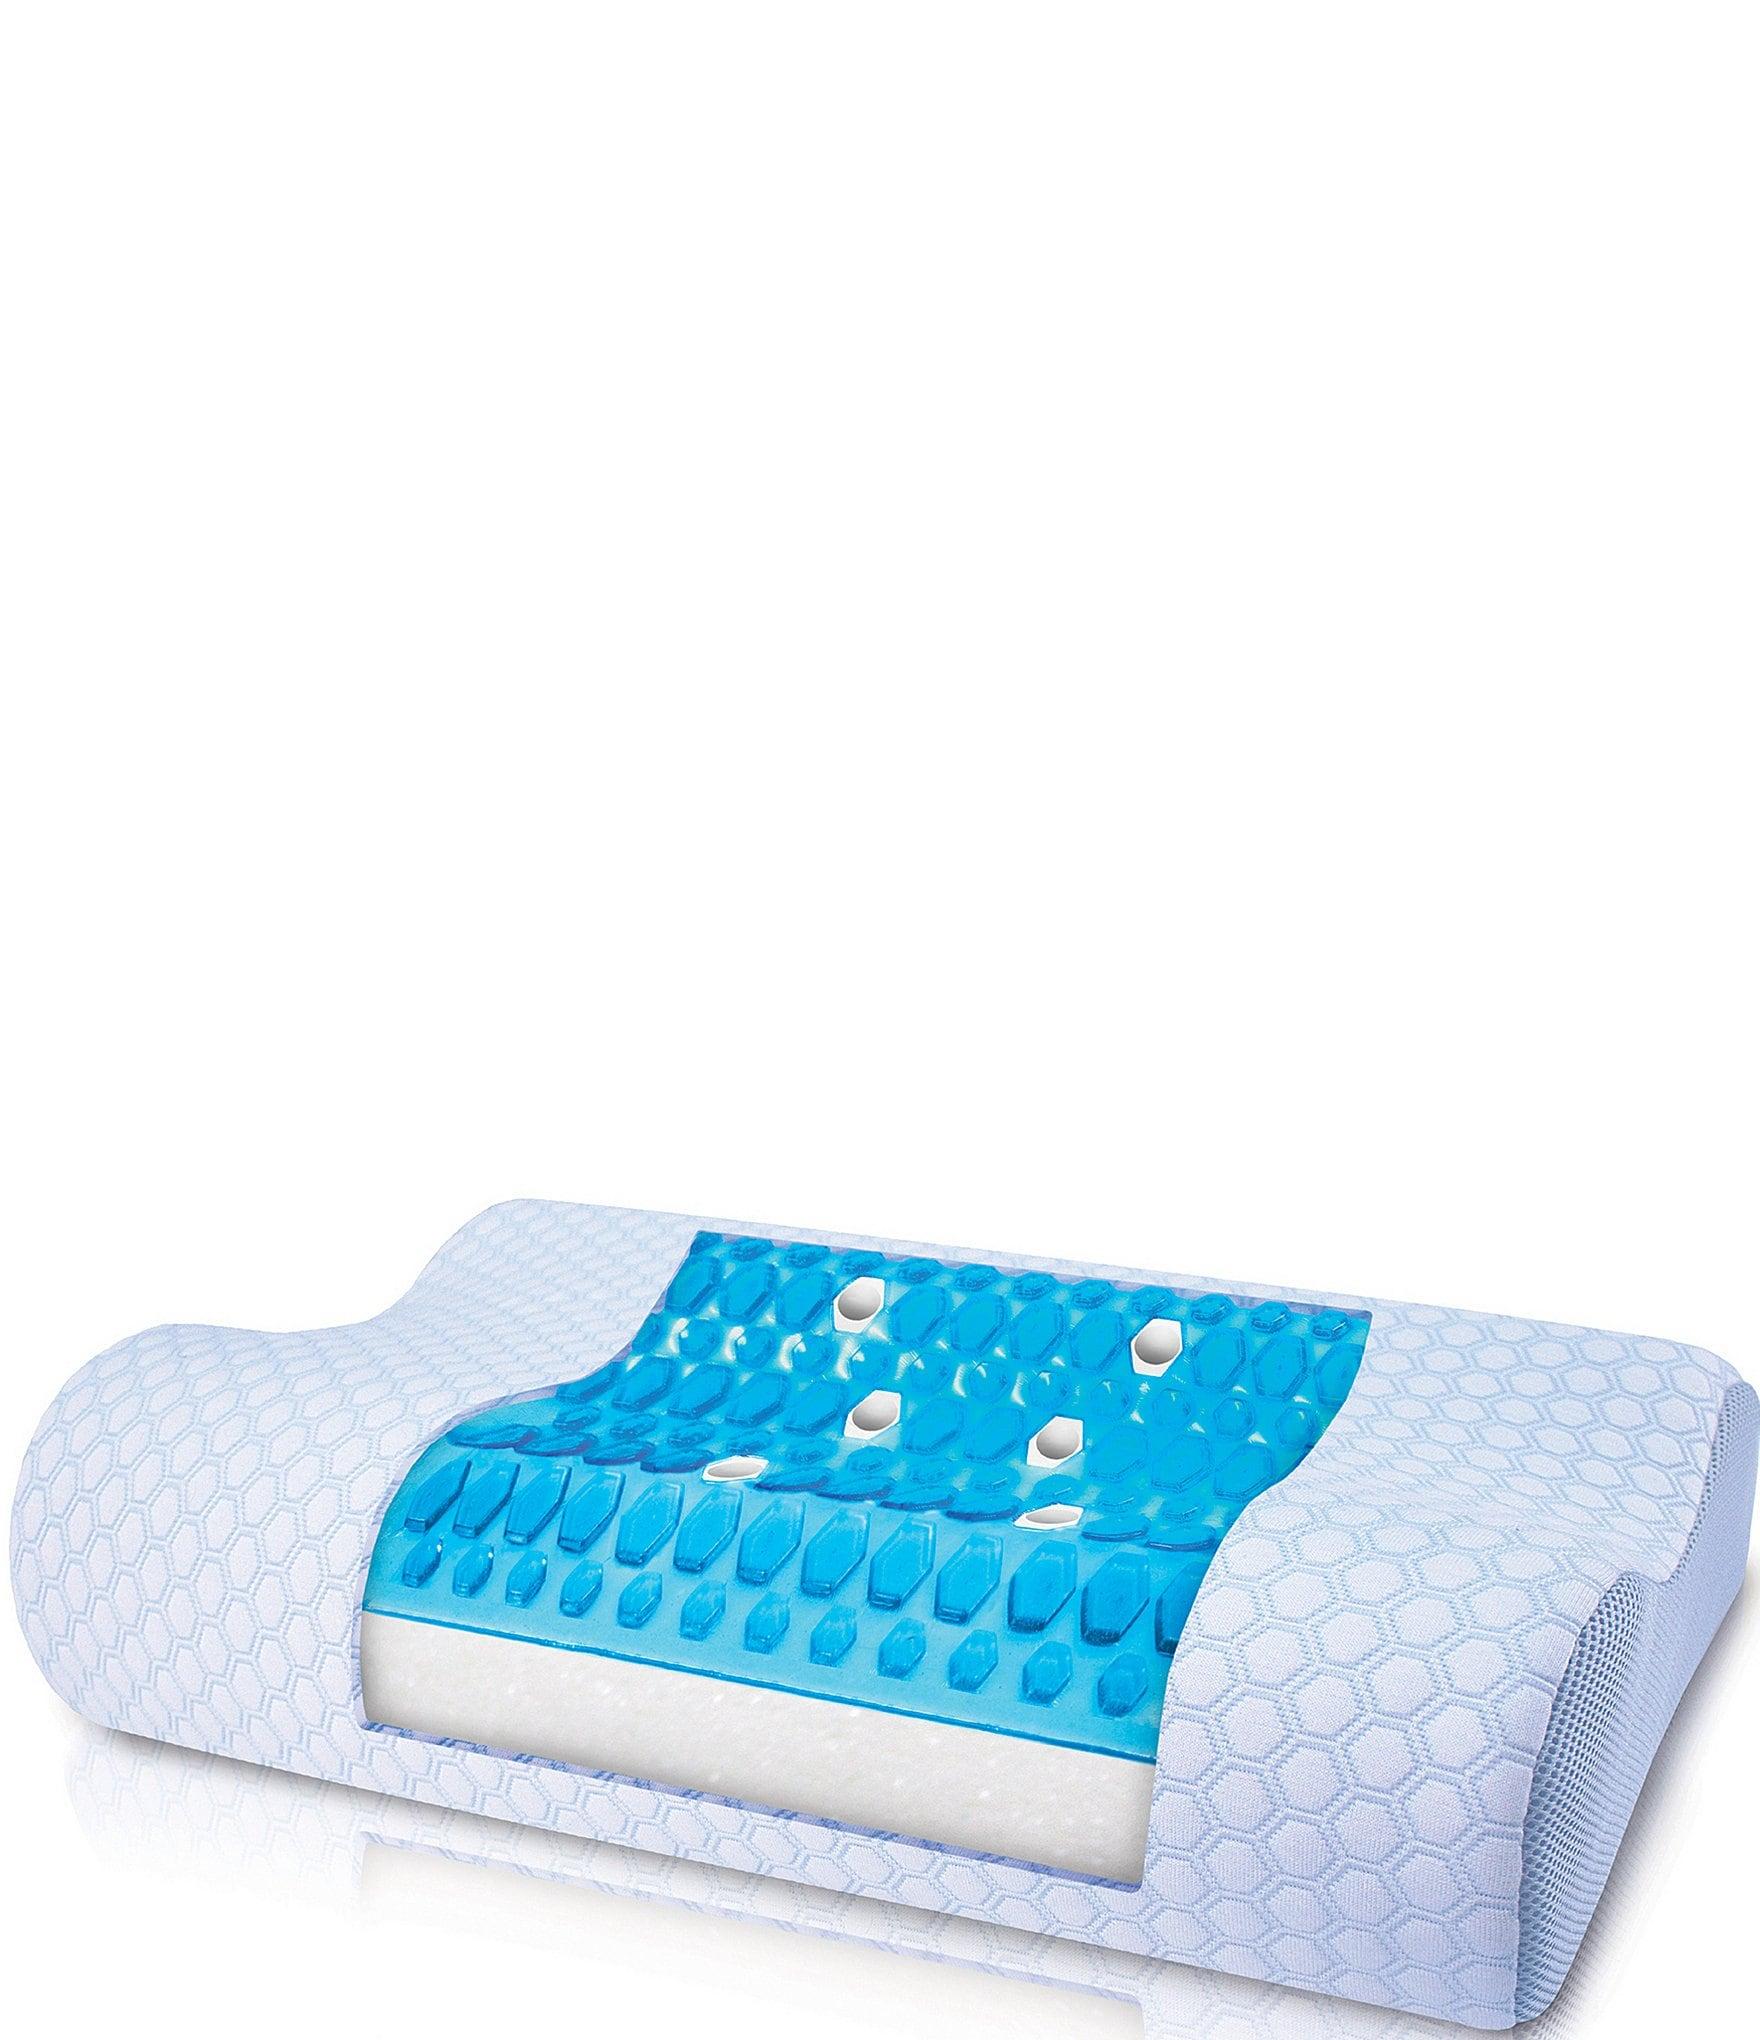 Sensorpedic Sensorcool Contour Pillow With Gel Overlay